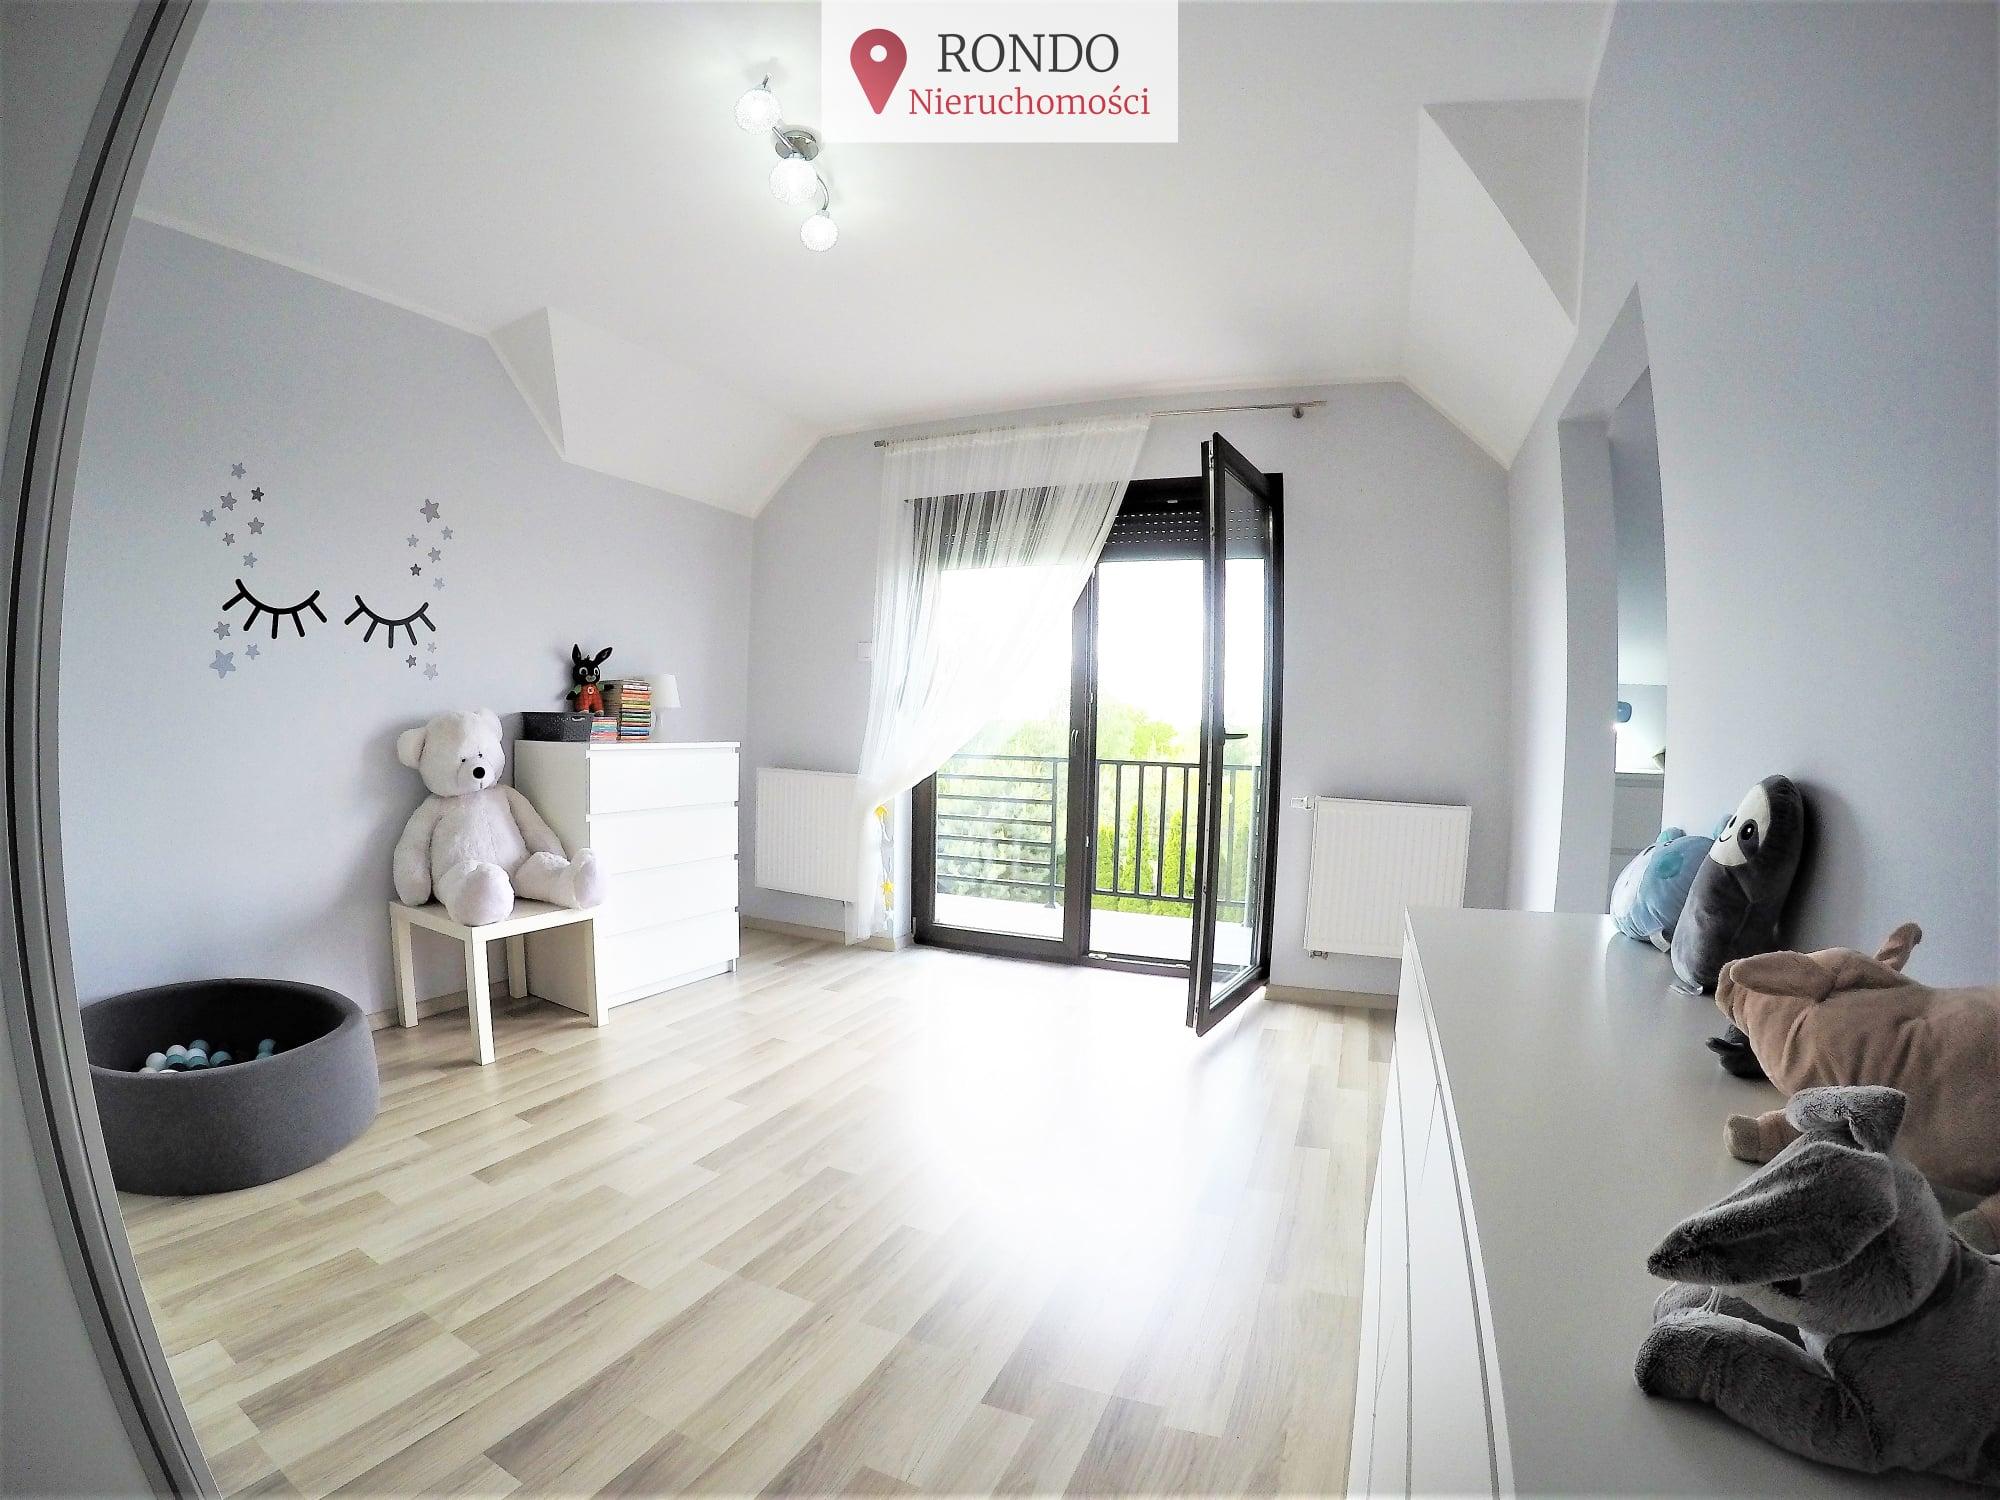 3 Bedrooms Bedroomssypialnie, 6 Rooms ,2 Bathrooms,Domy,Sprzedaż,1100